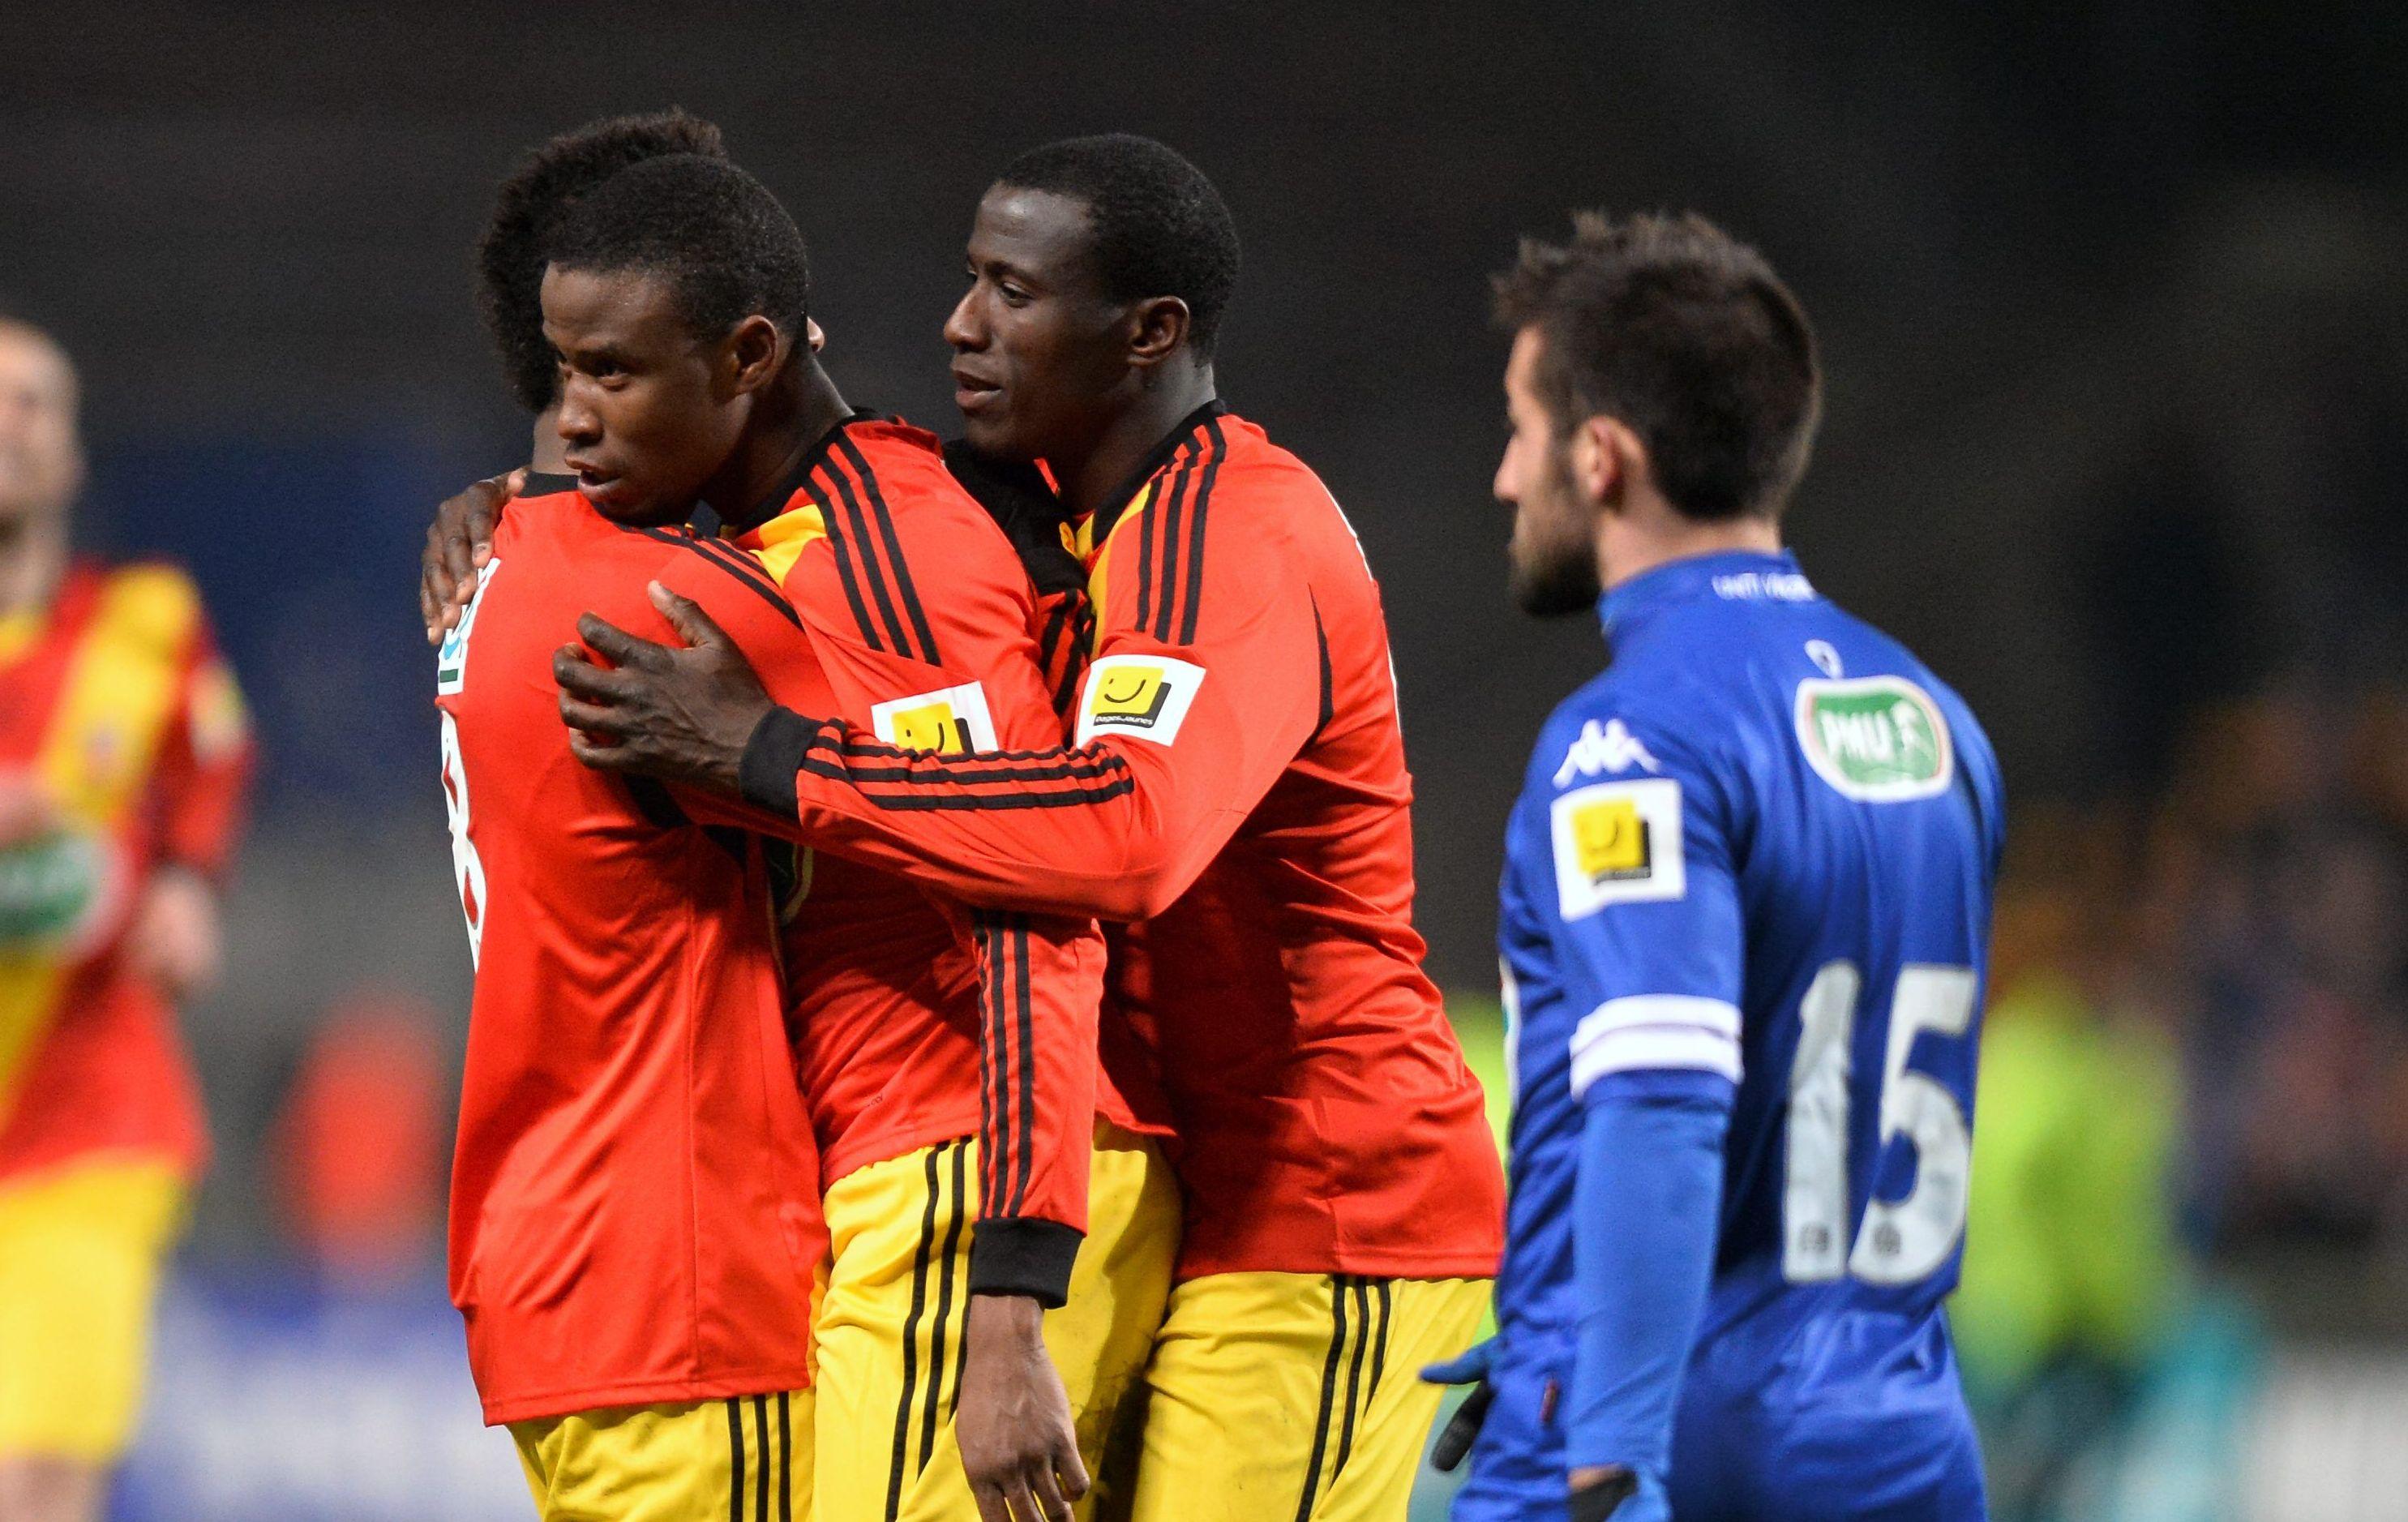 La ligue 2 mate la ligue 1 coupe de france football - Football coupe de france ...